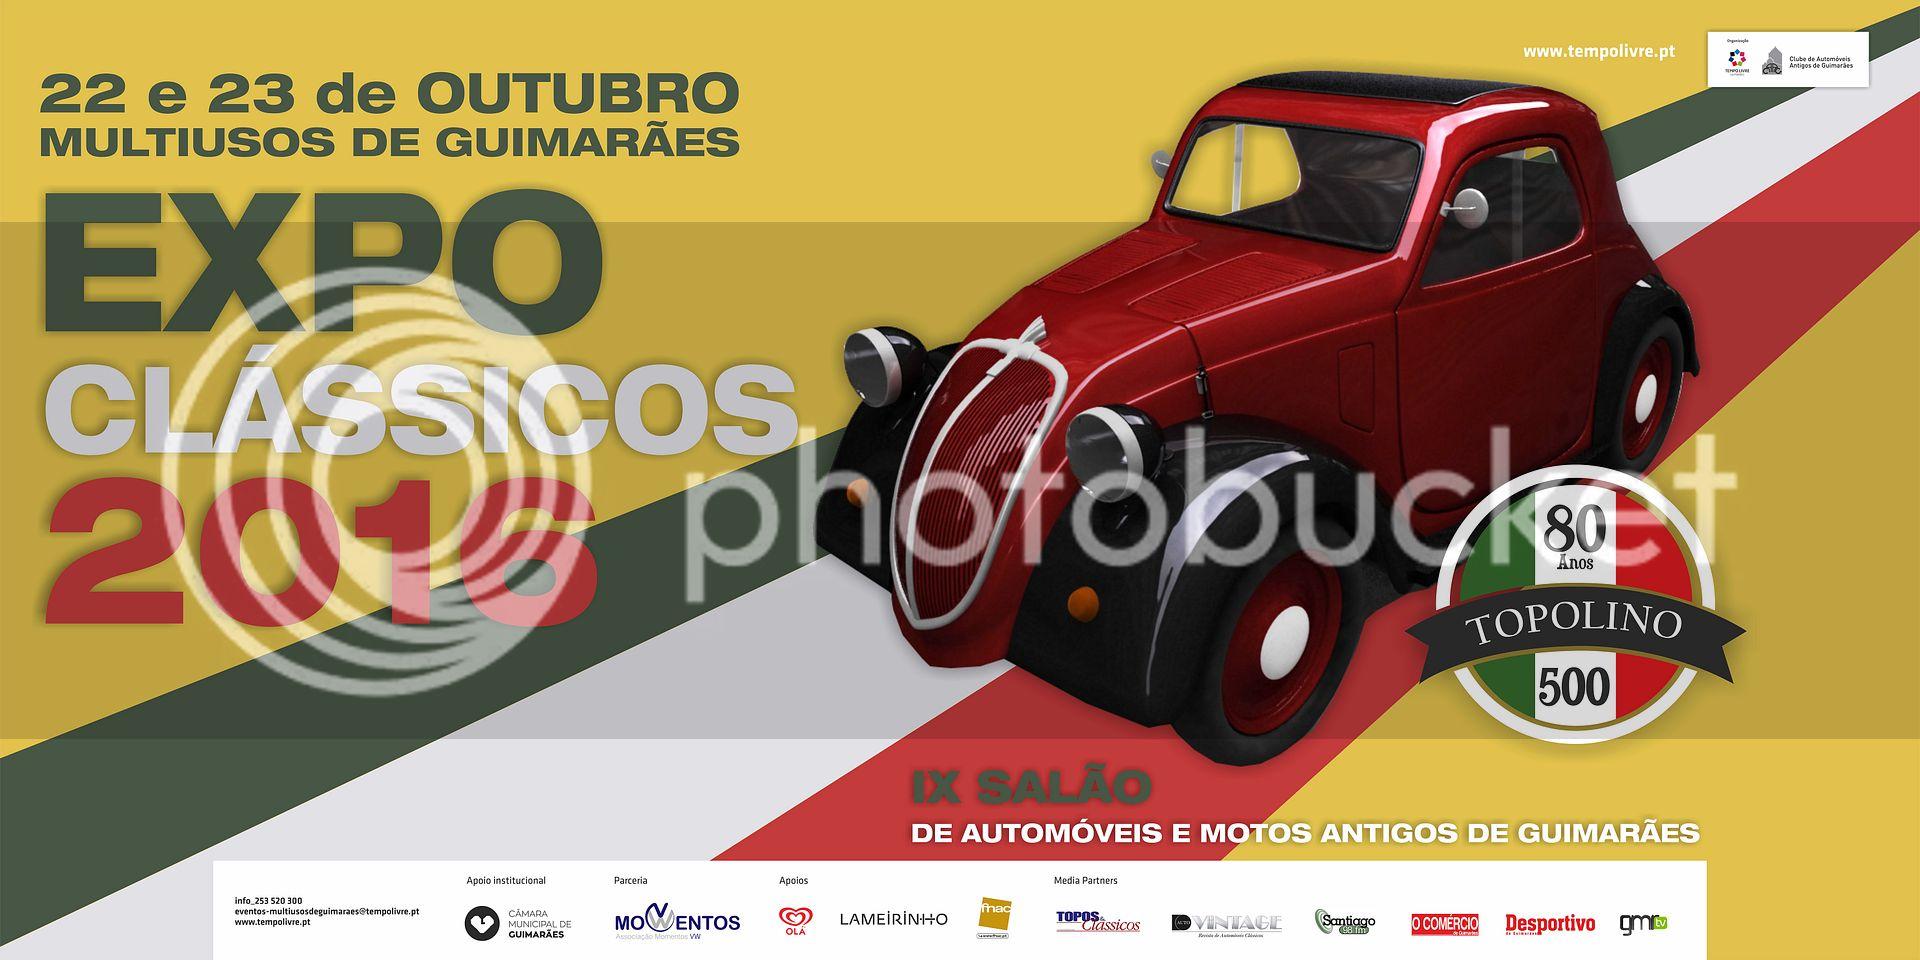 EXPO Clássicos 2016 - 22 e 23 outubro - Multiusos de Guimarães ExpoClassicos2016_02_zpststzqk4h